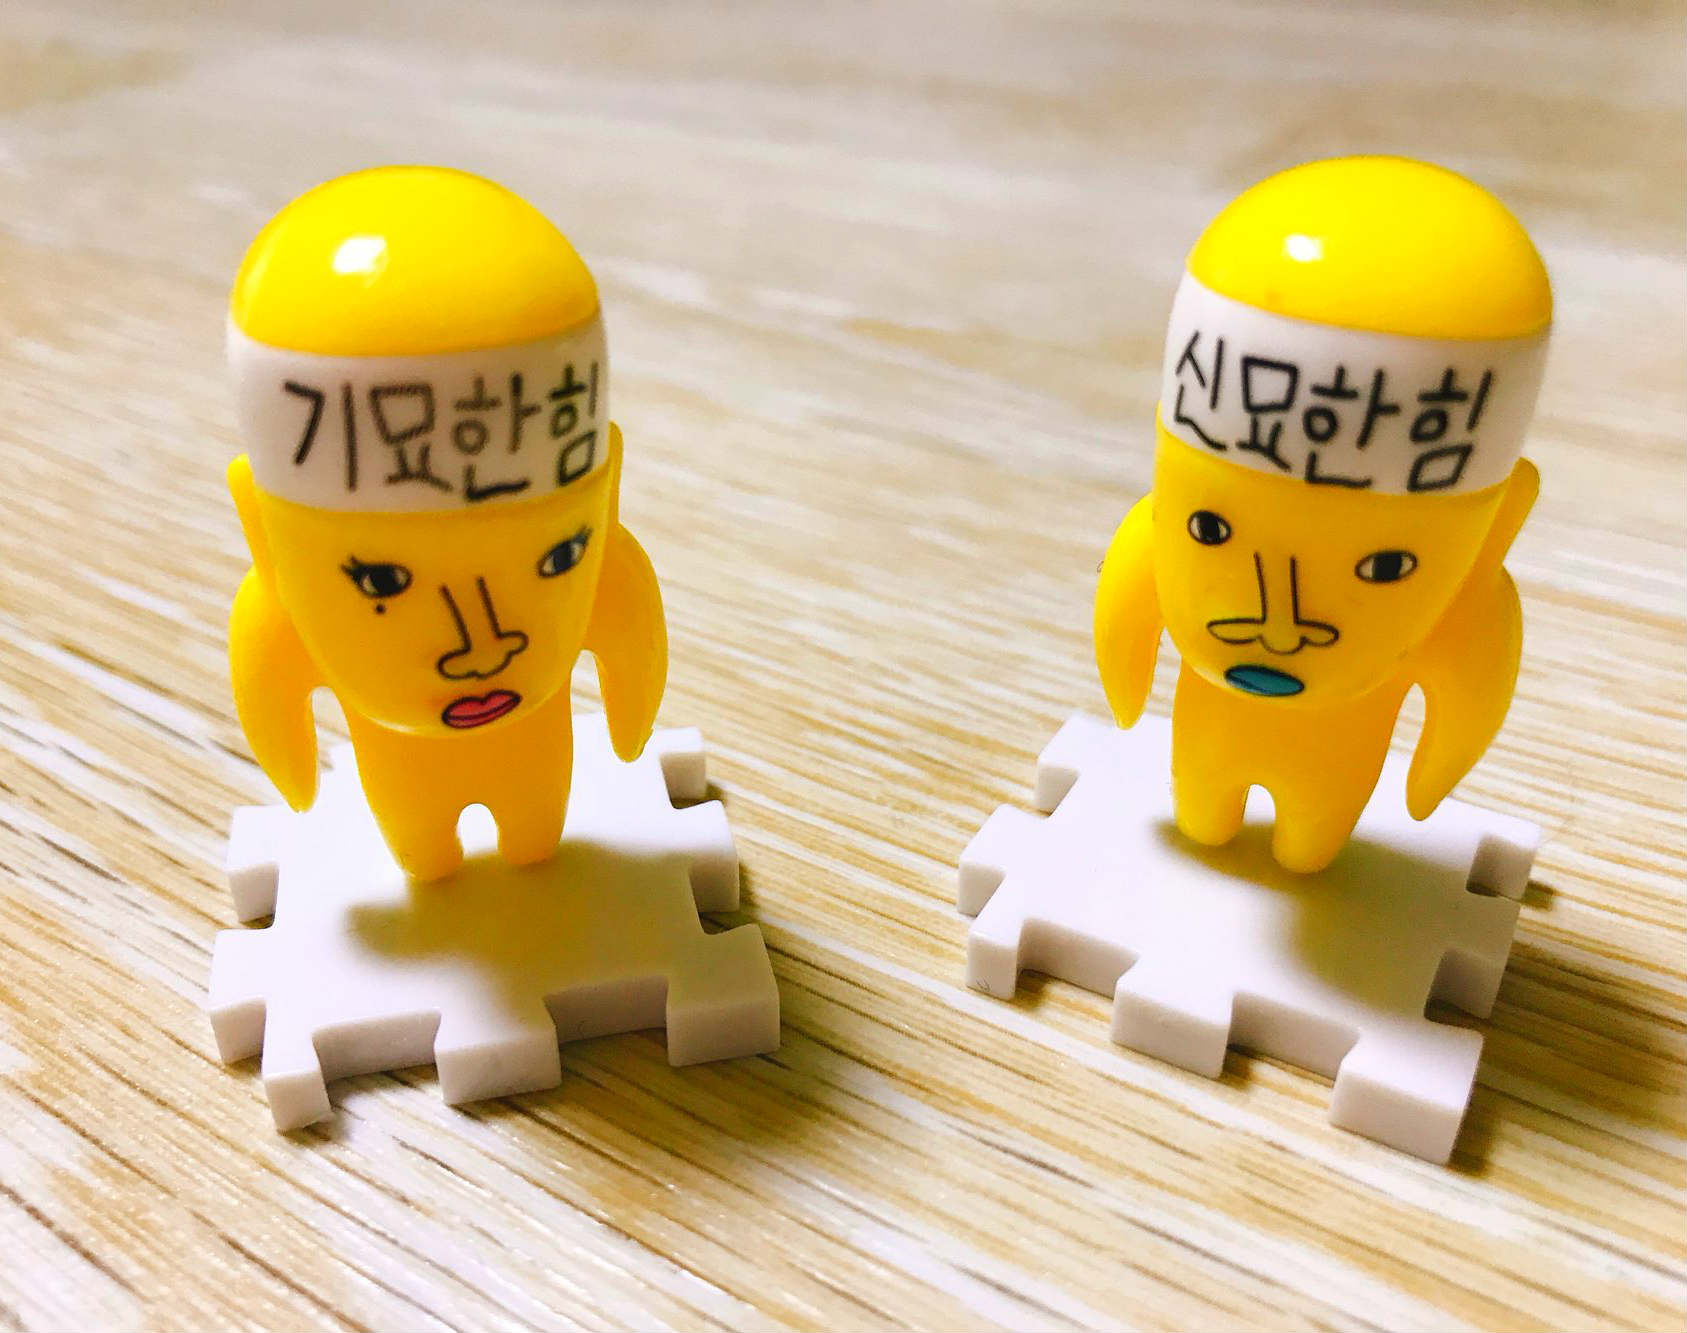 完成之後,可以把它們放在書桌或是辦公桌上擺飾,非常療癒。